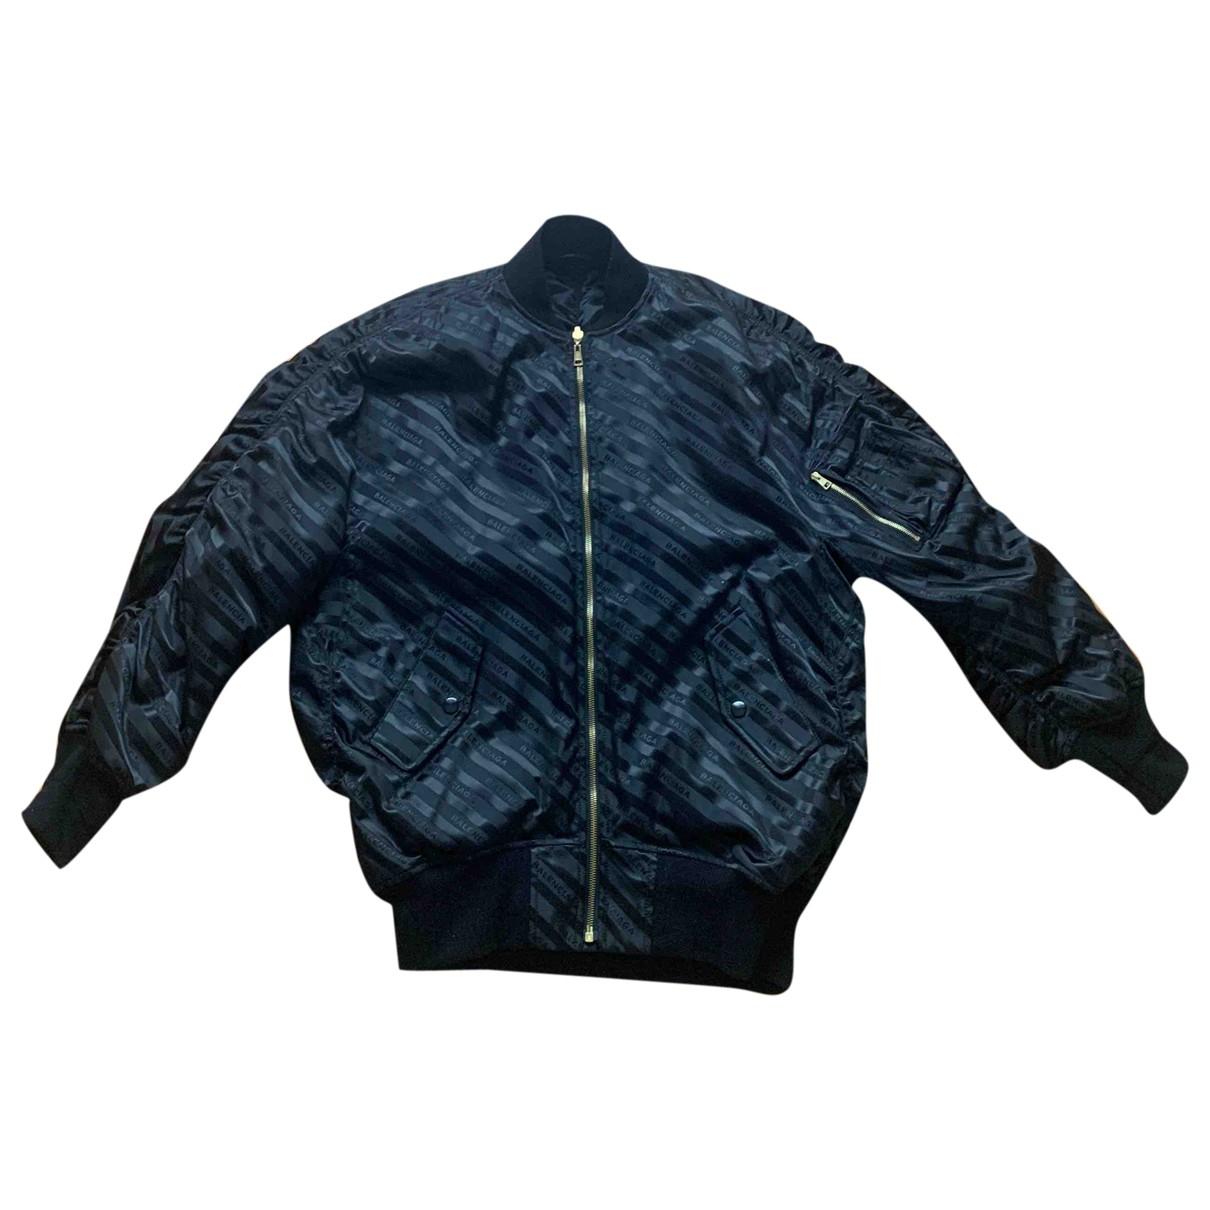 Balenciaga \N Black jacket for Women 38 FR